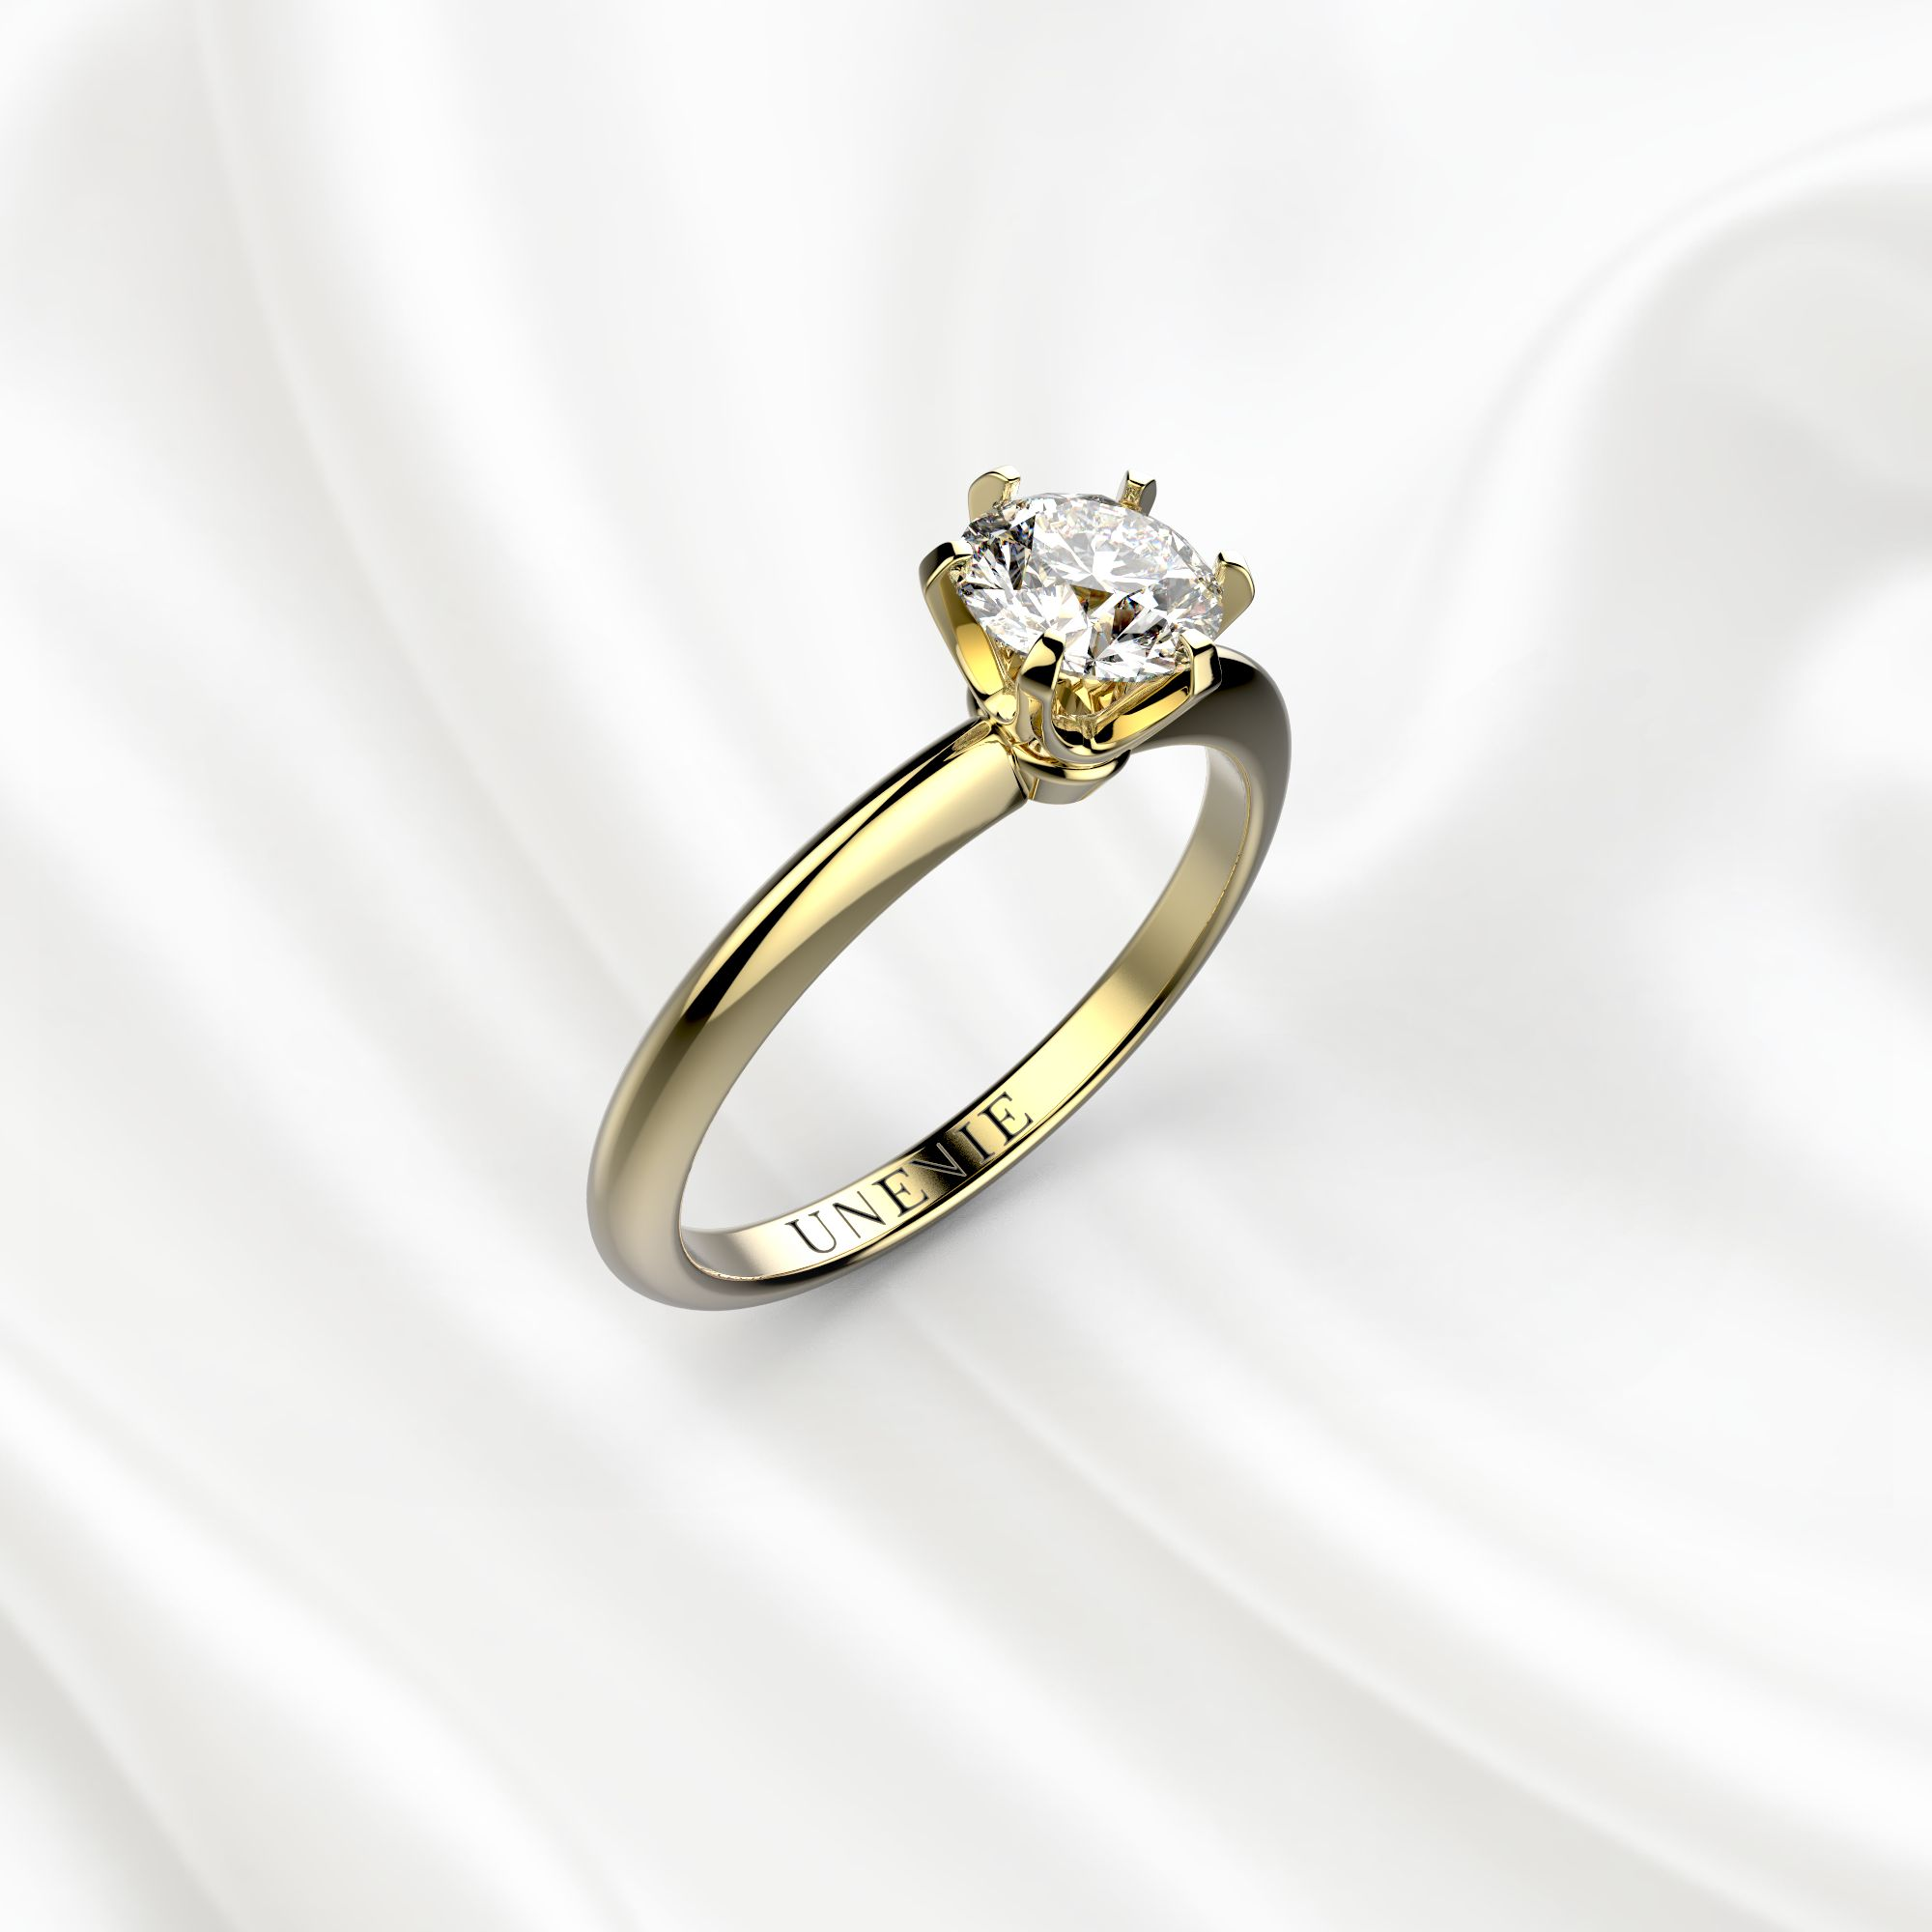 N1 Помолвочное кольцо из желтого золота с 1 бриллиантом 0.5 карат